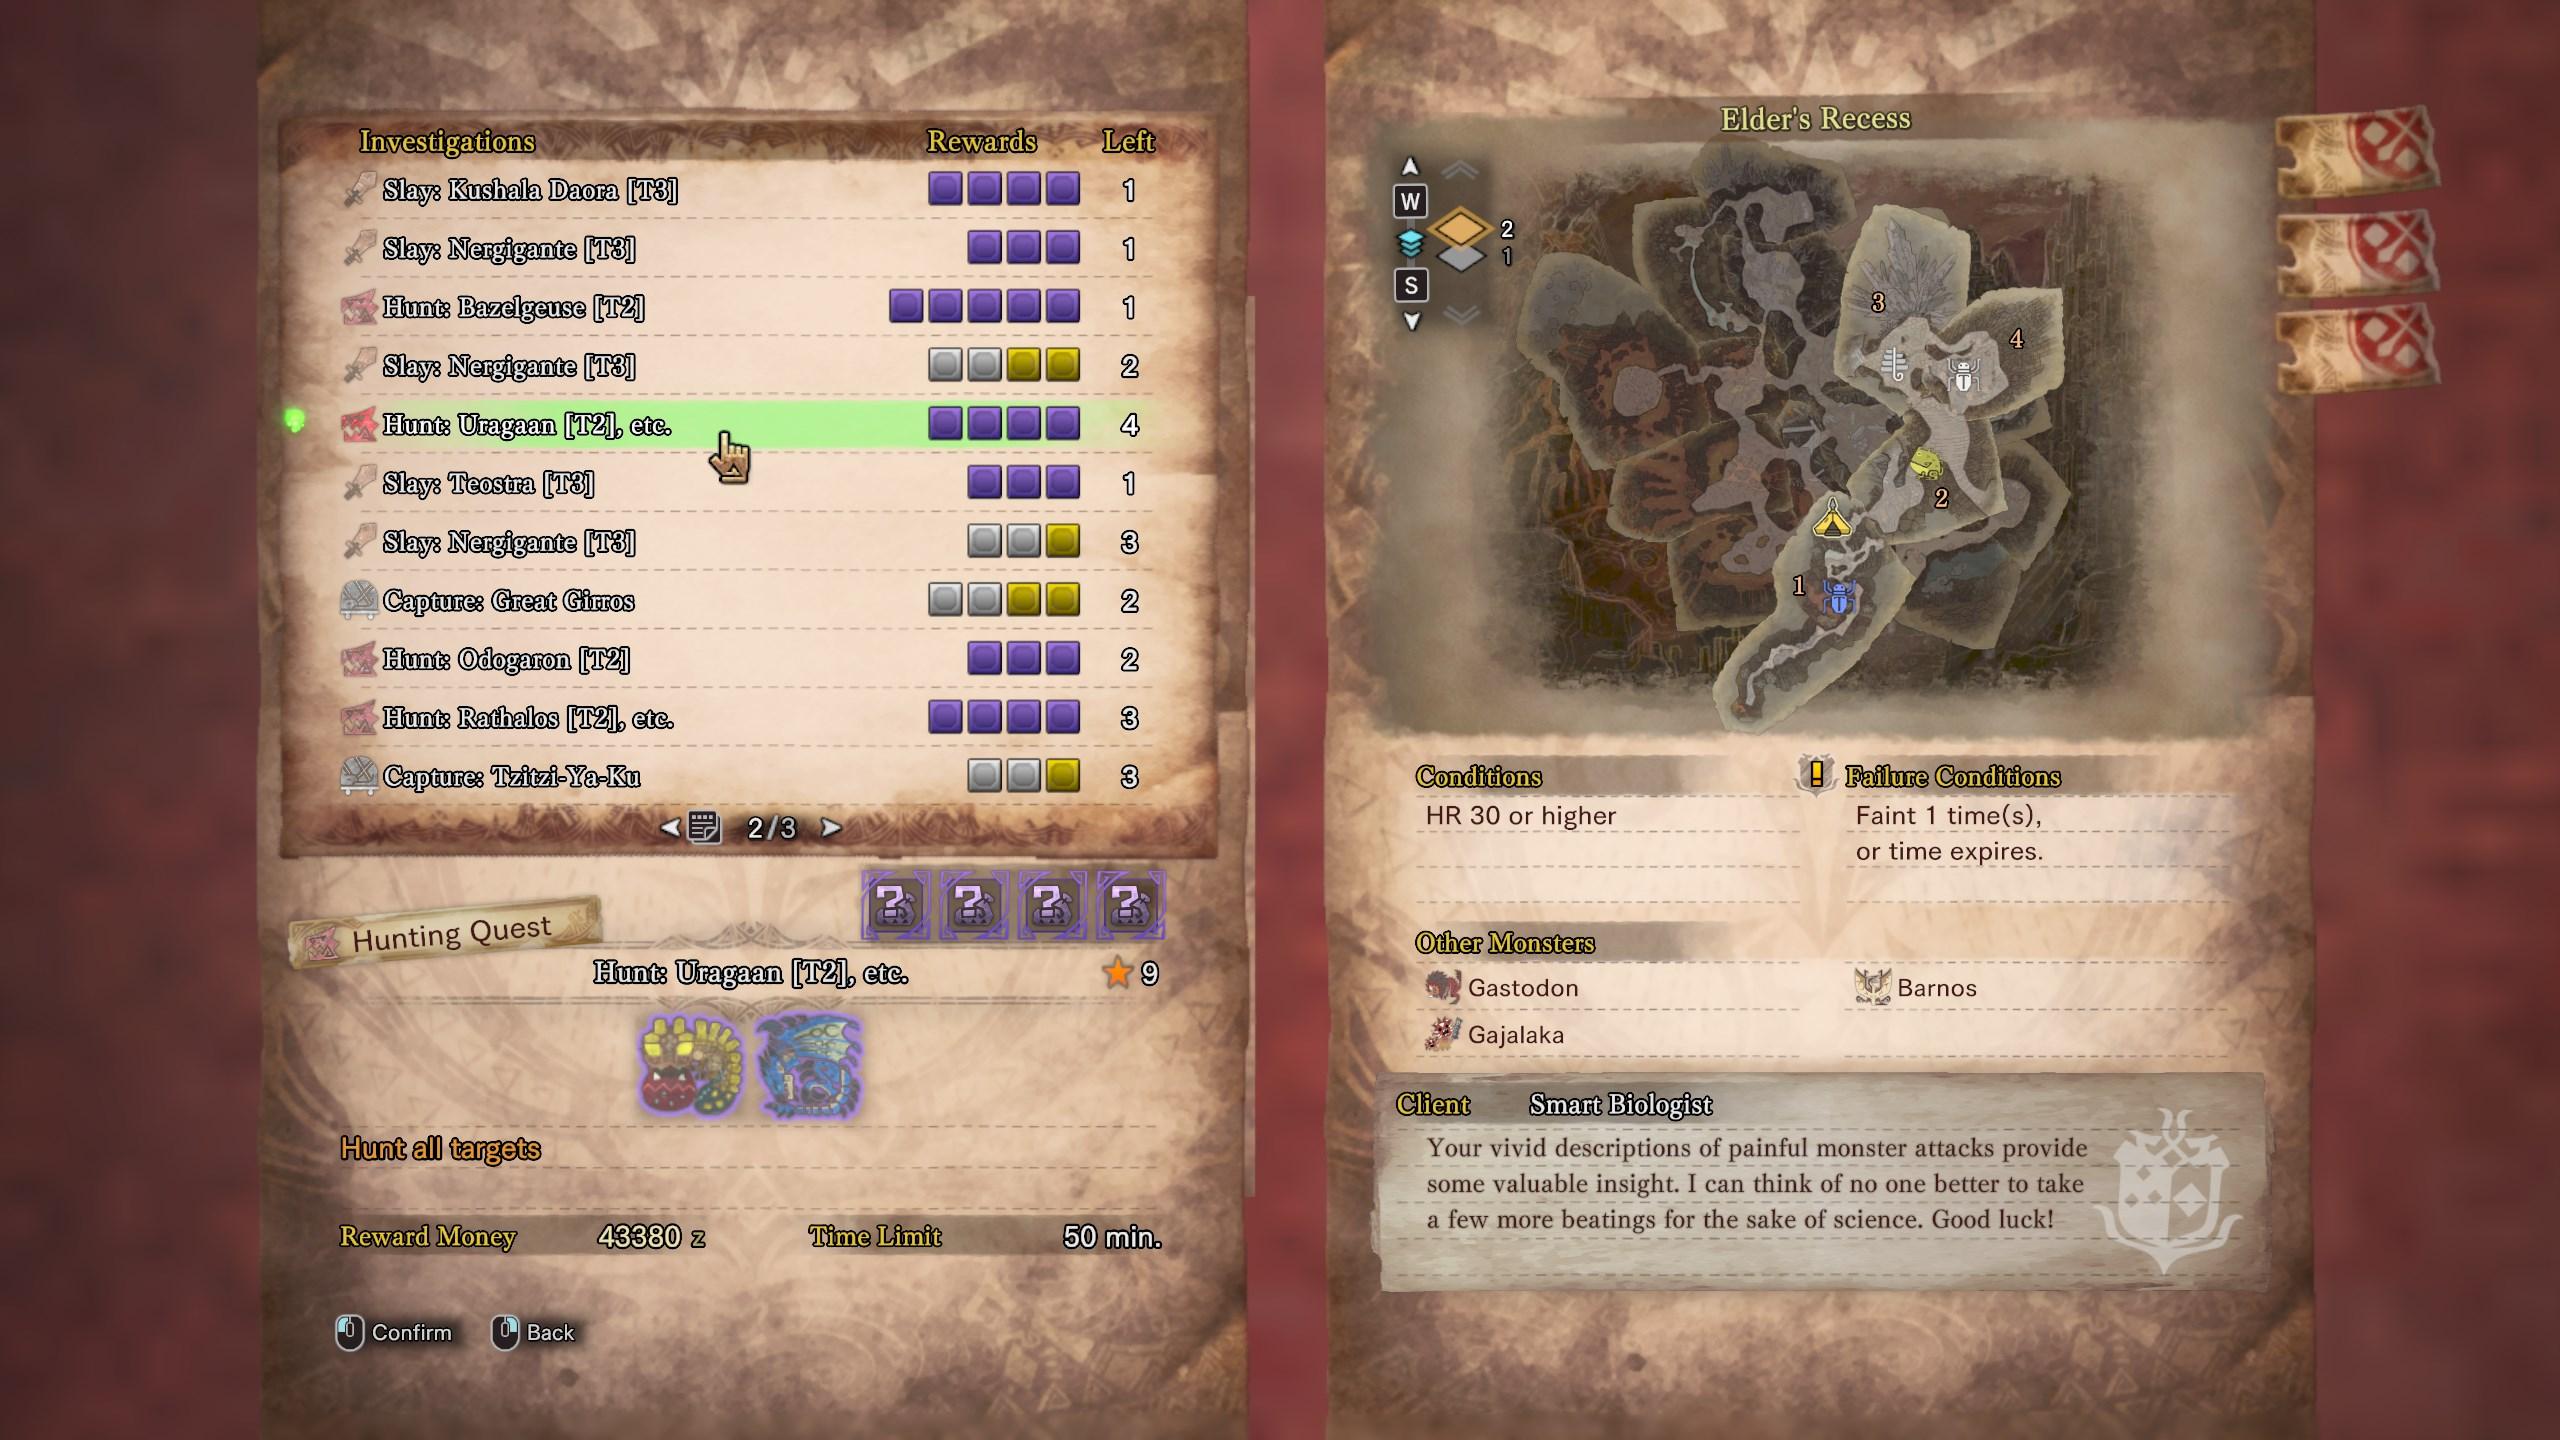 《怪物猎人世界》两款新MOD 提升宝珠掉落率显示威胁等级